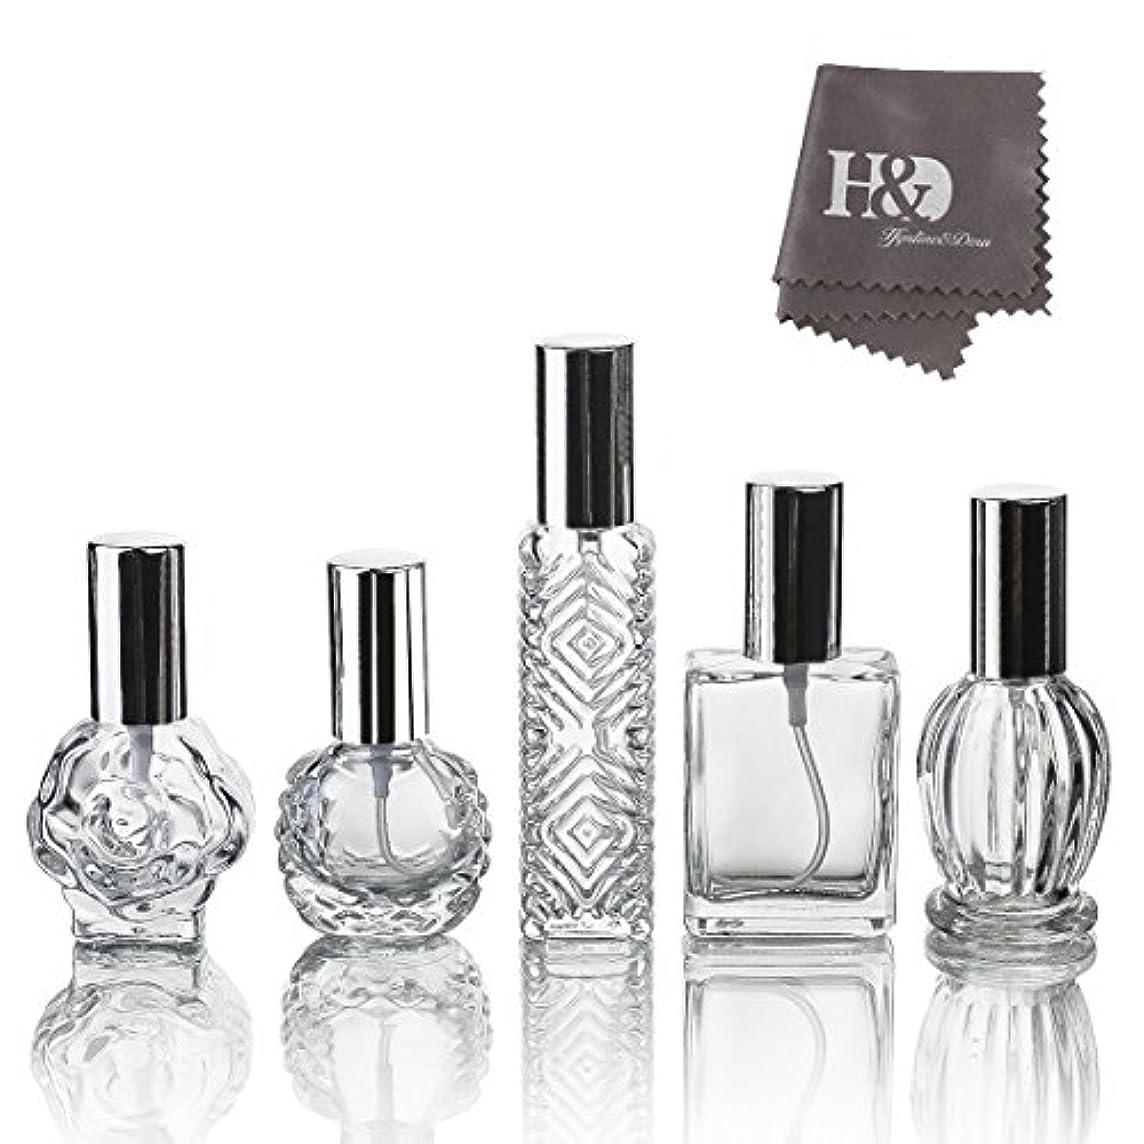 現代のシュートコークスH&D 5枚セット ガラスボトル 香水瓶 詰替用瓶 分け瓶 旅行用品 化粧水用瓶 装飾雑貨 ガラス製 (2)